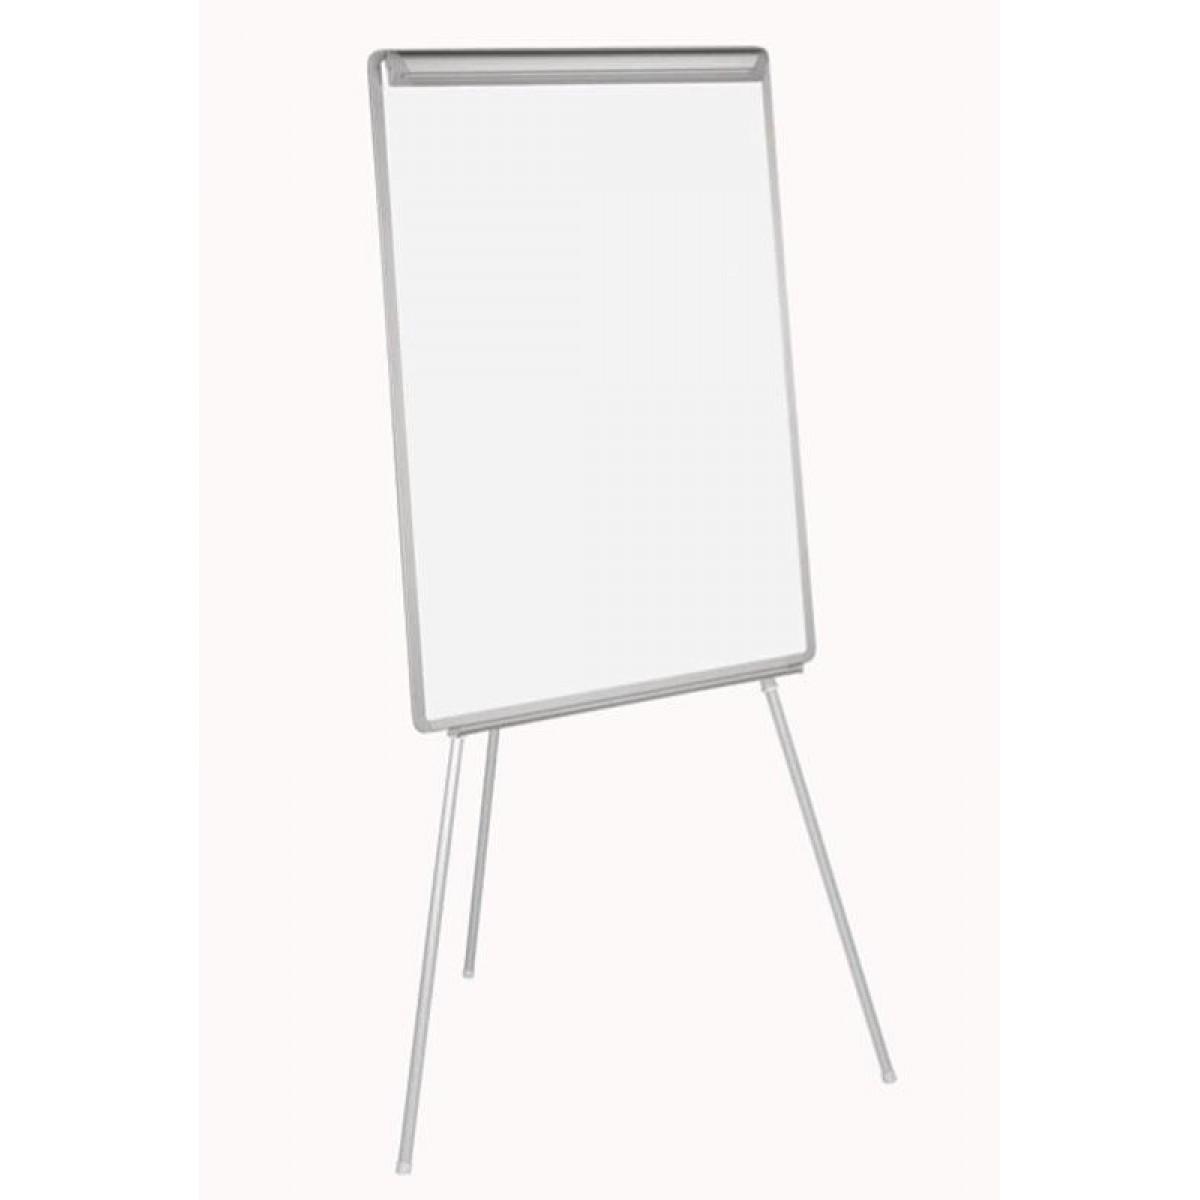 Πίνακας Λευκός Μαγνητικός Με Τρίποδα Είδη Γραφείου